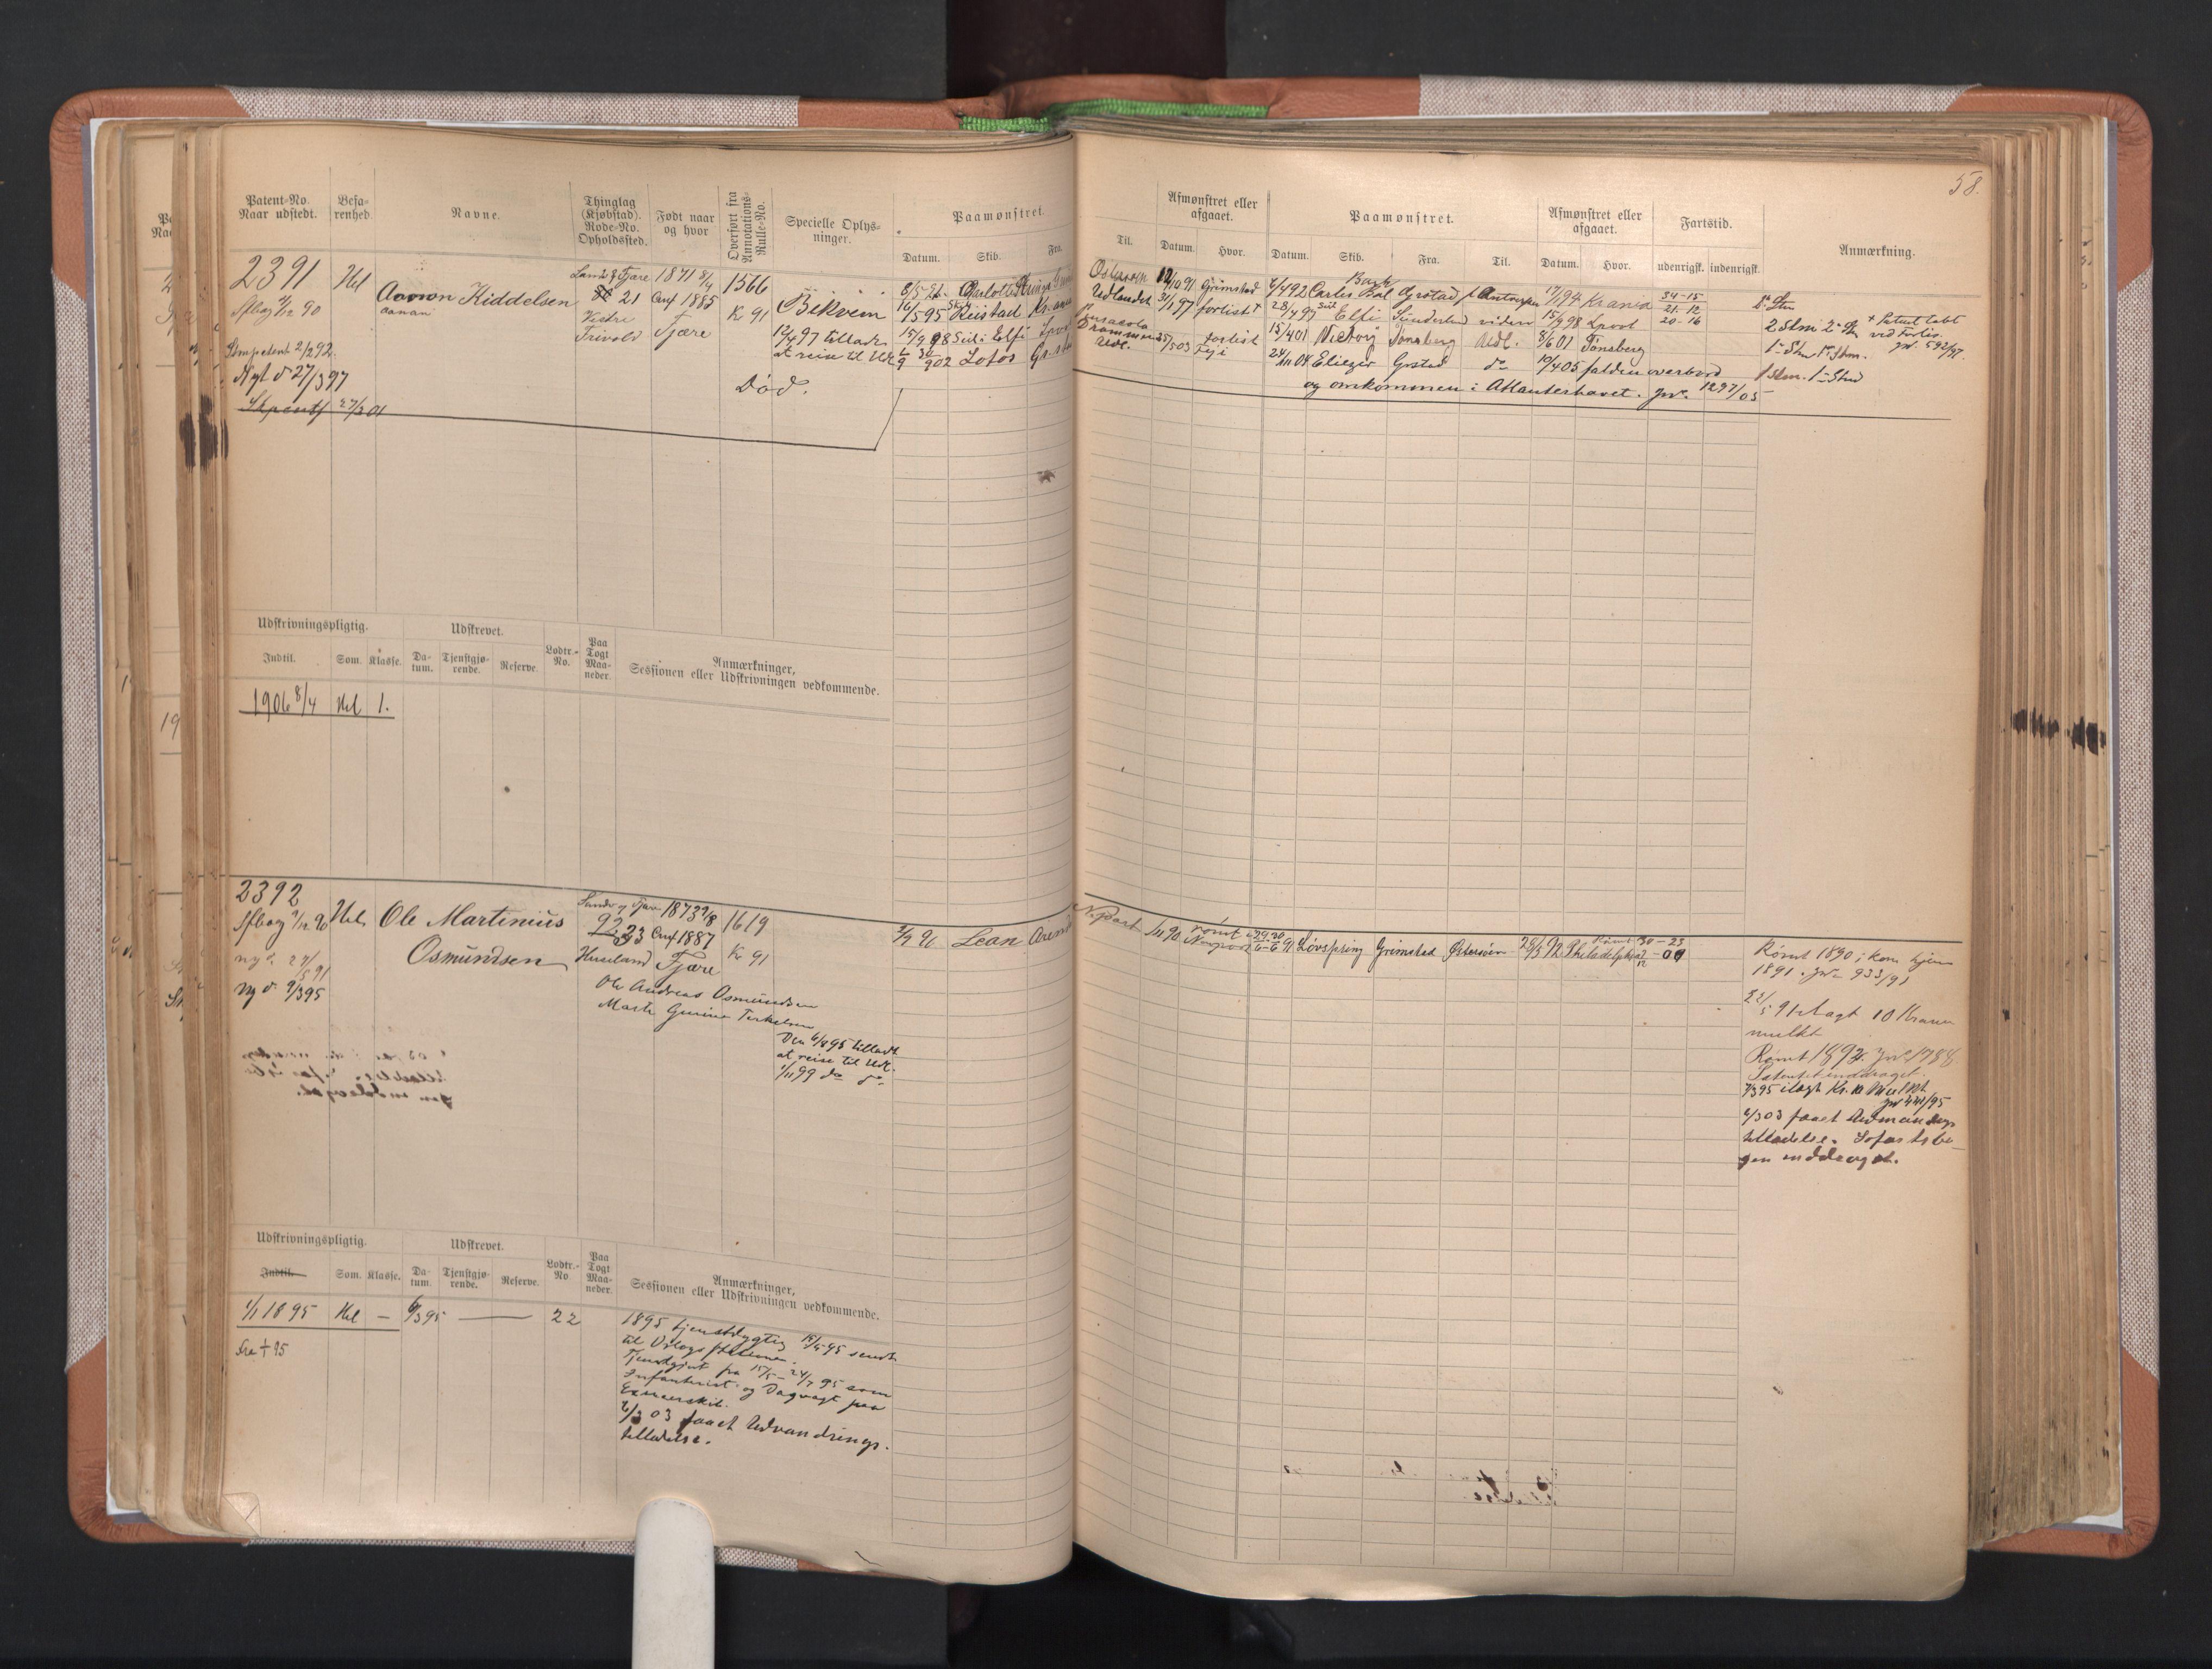 SAK, Grimstad mønstringskrets, F/Fb/L0004: Hovedrulle A nr 2277-3042, F-7, 1889-1940, s. 63